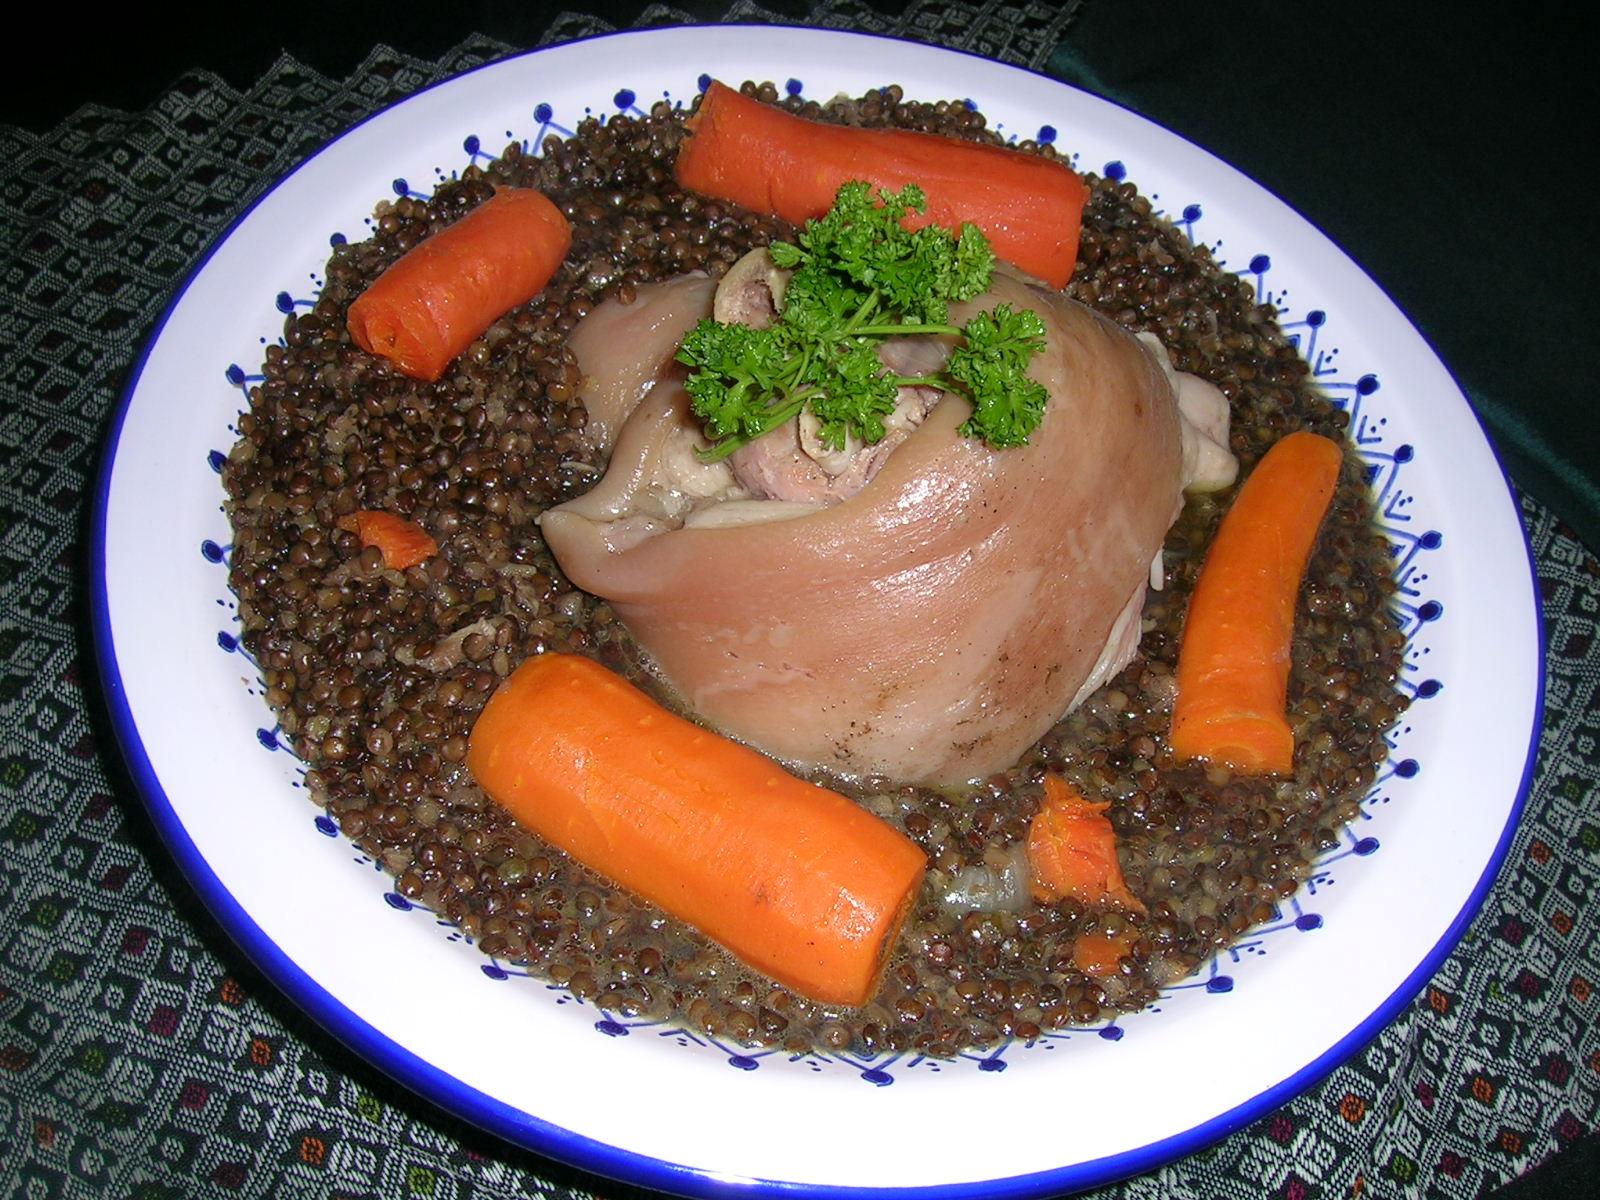 Jarret de porc aux lentilles cuisine divine jarret de porc aux lentilles voyage au coeur des - Joue de porc cocotte minute ...